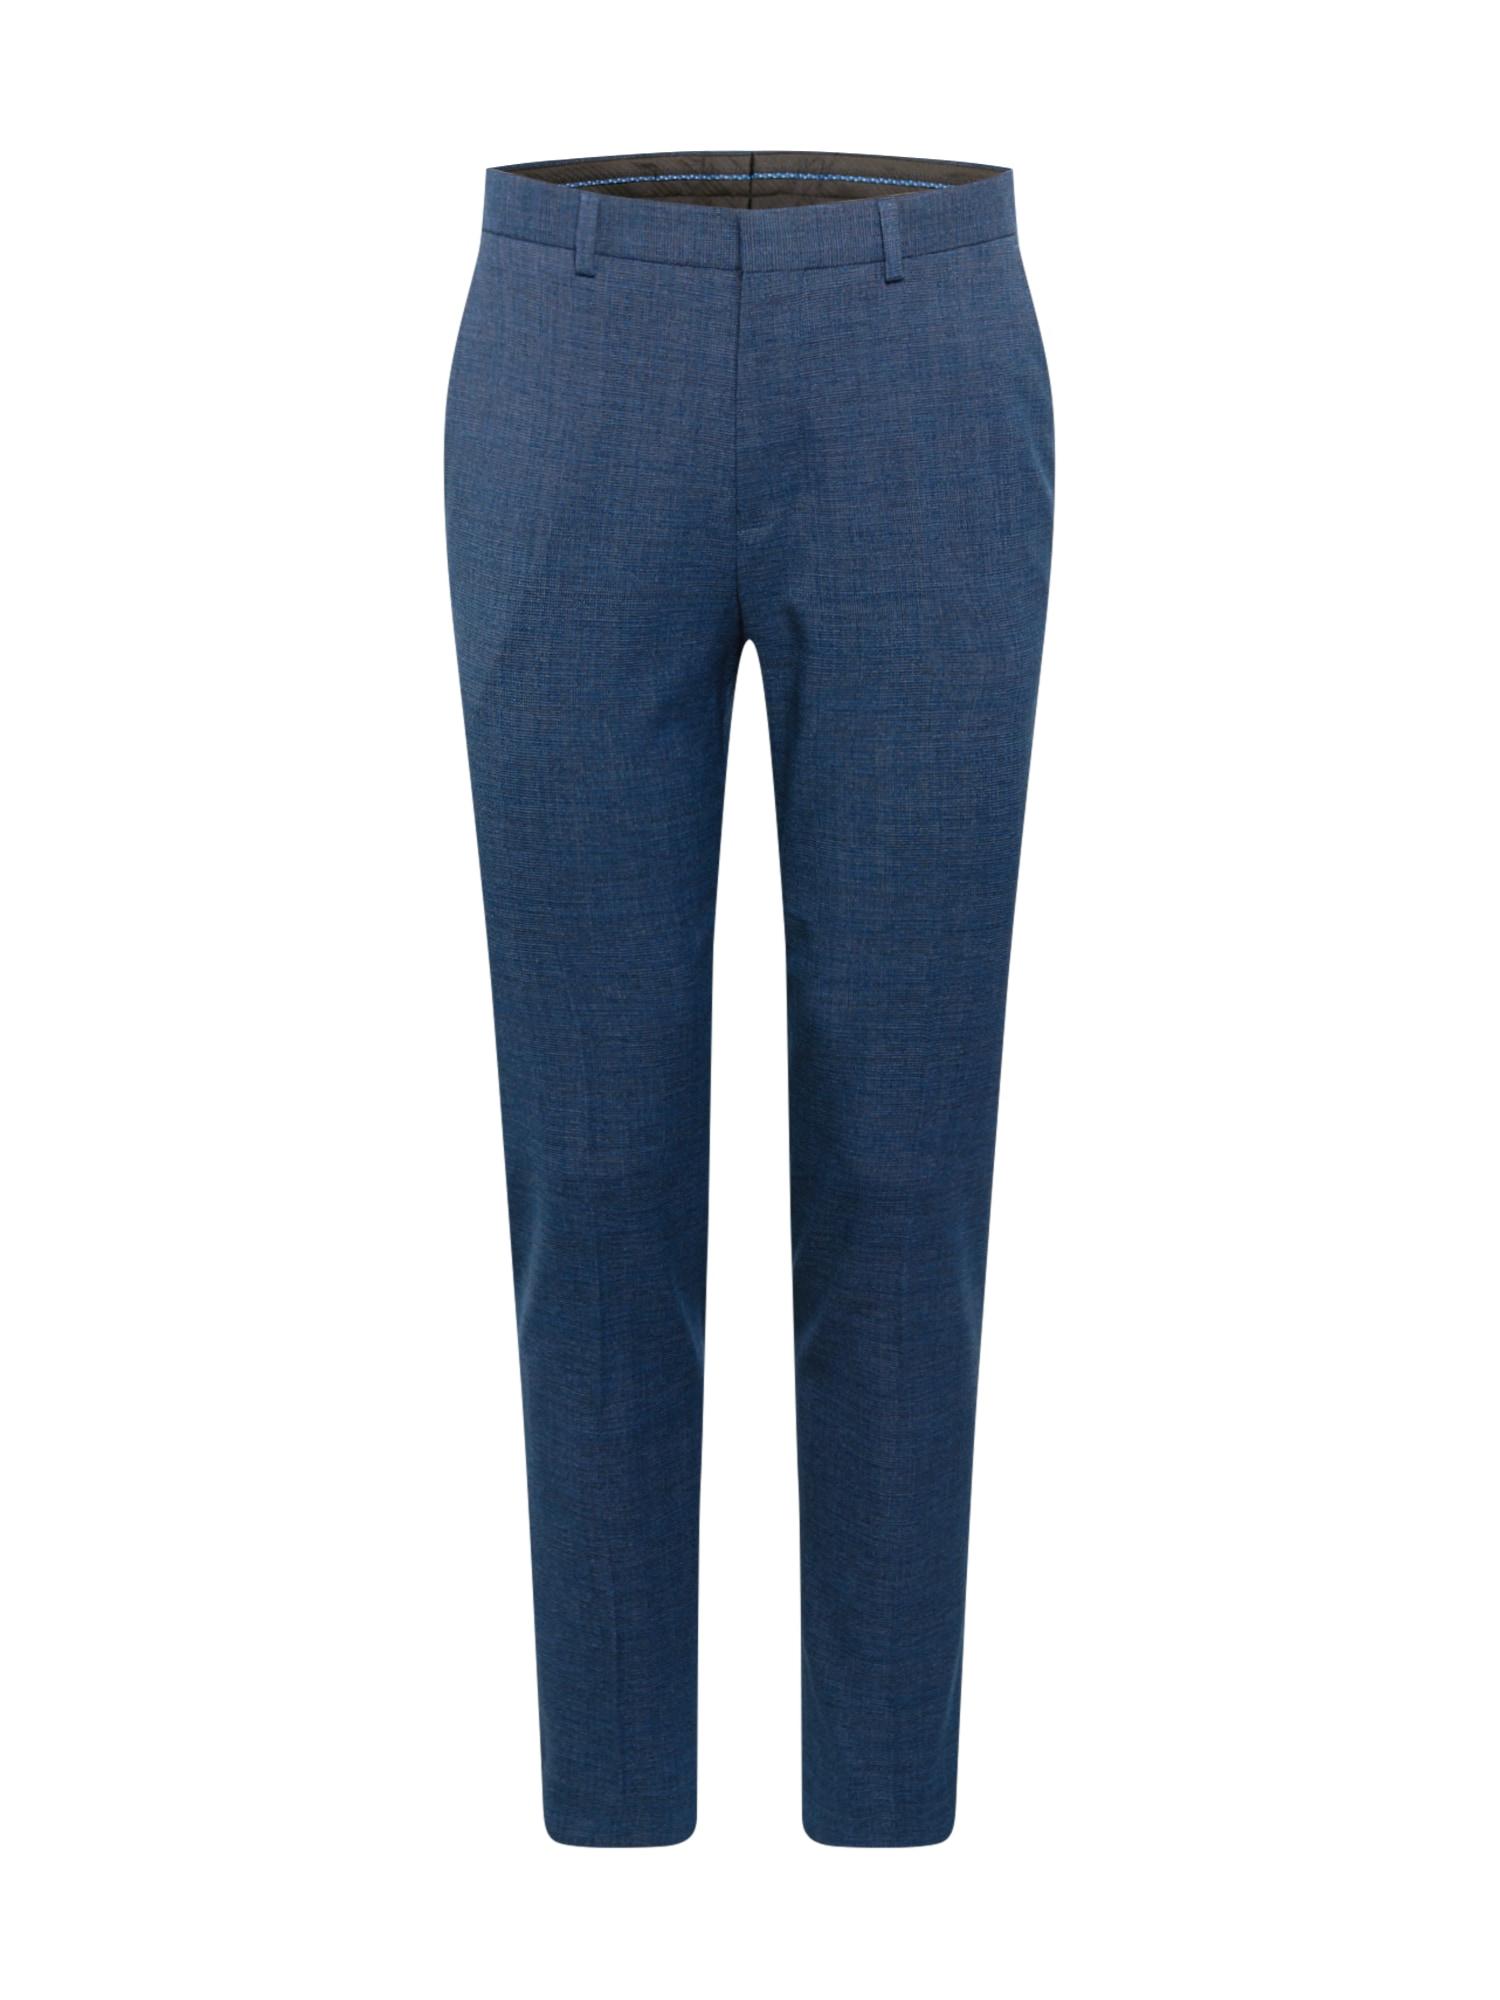 BURTON MENSWEAR LONDON Kelnės tamsiai (džinso) mėlyna